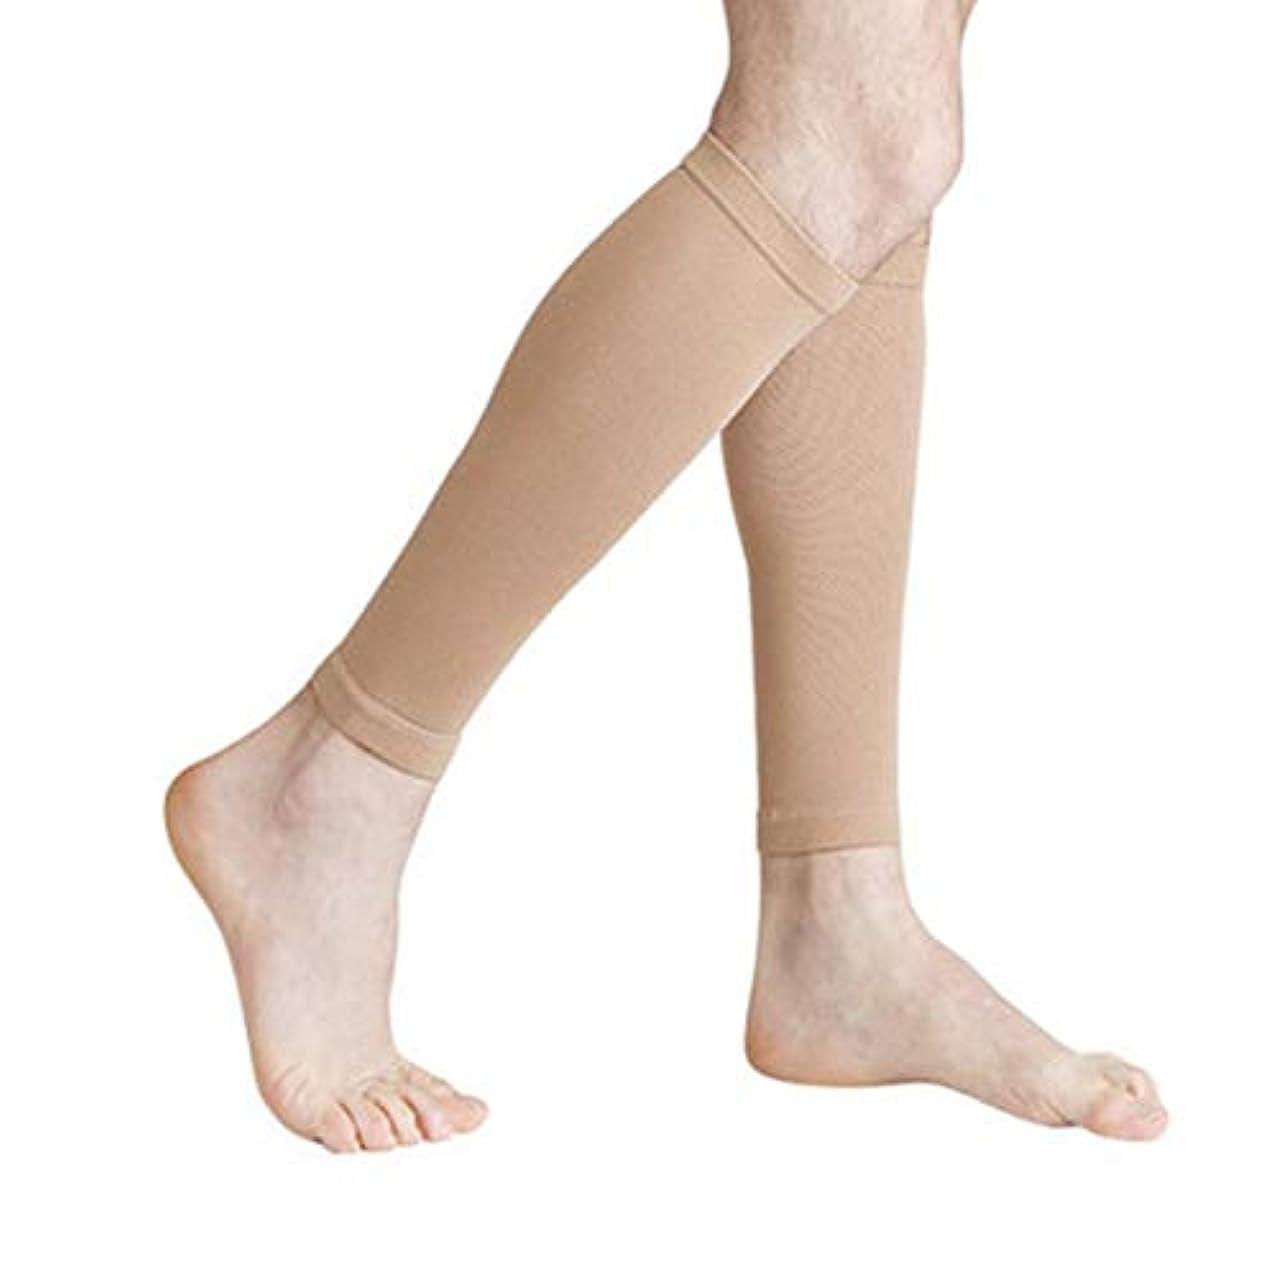 ブーストフォーカス君主制丈夫な男性女性プロの圧縮靴下通気性のある旅行活動看護師用シントスプリントフライトトラベル - 肌色